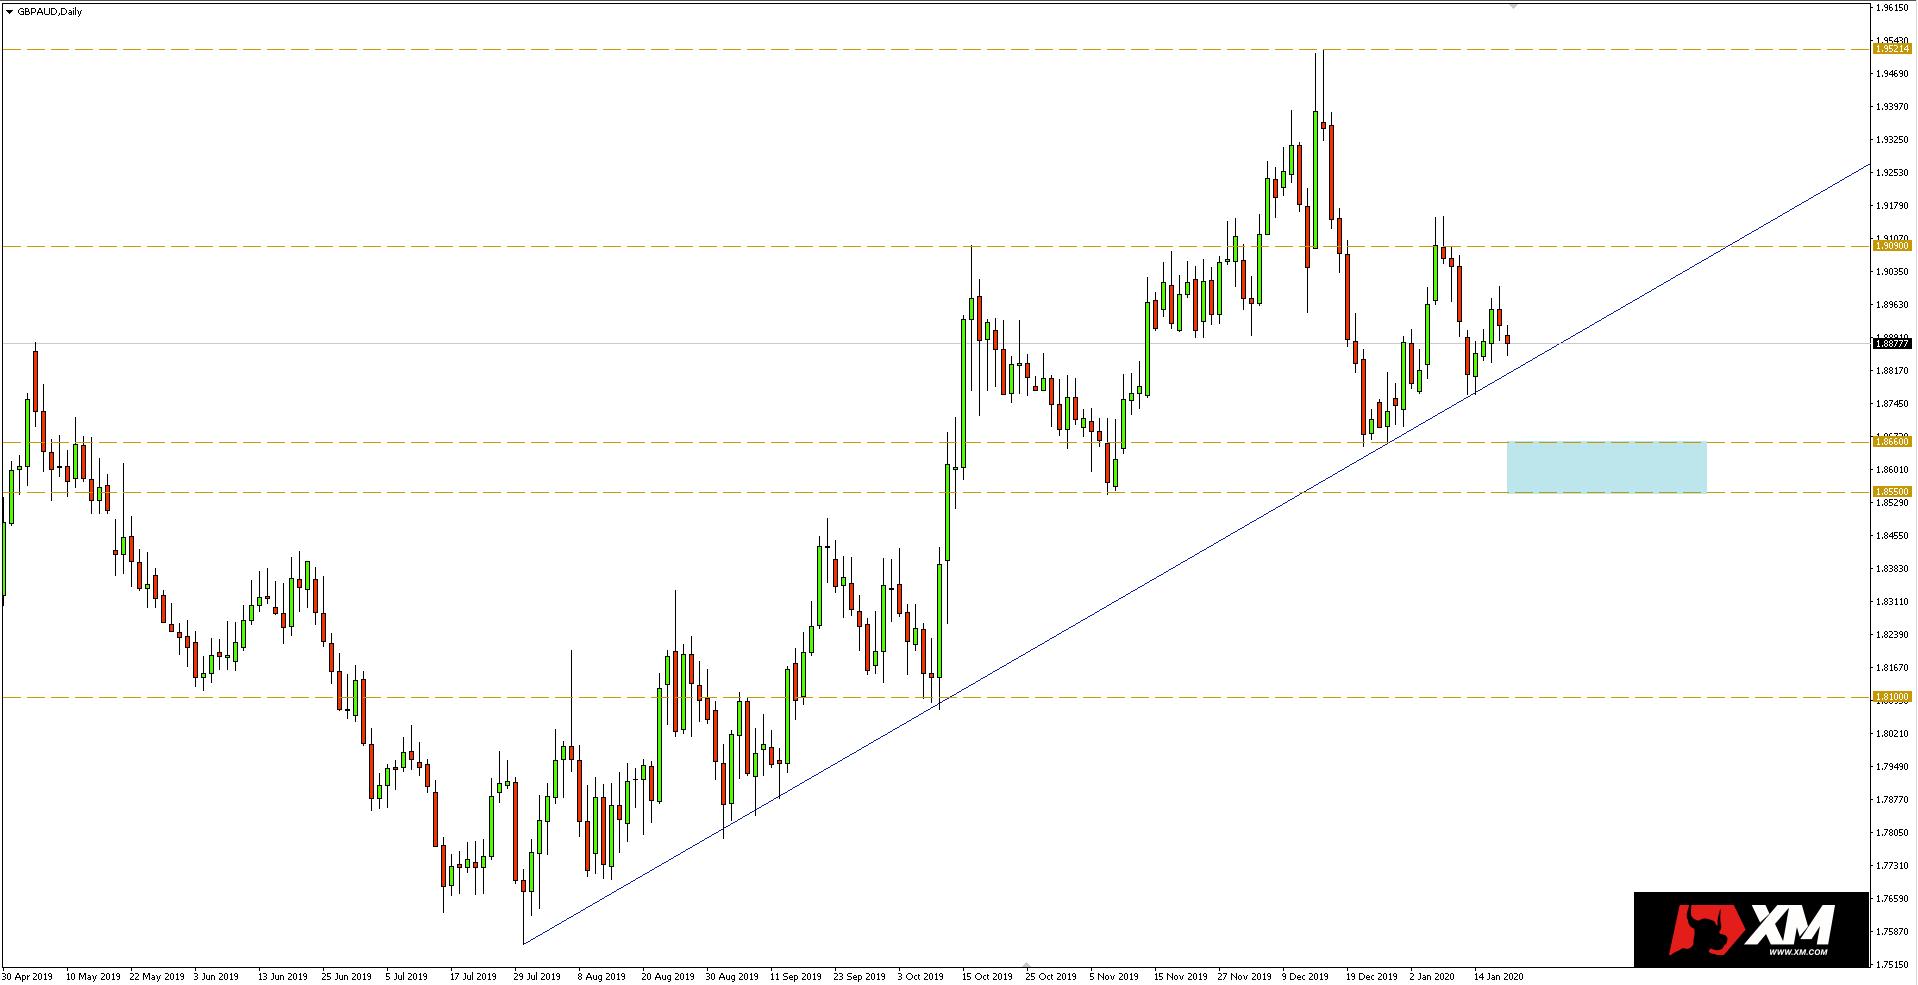 Wykres dzienny pary walutowej GBPAUD - 20.01.2020 r.